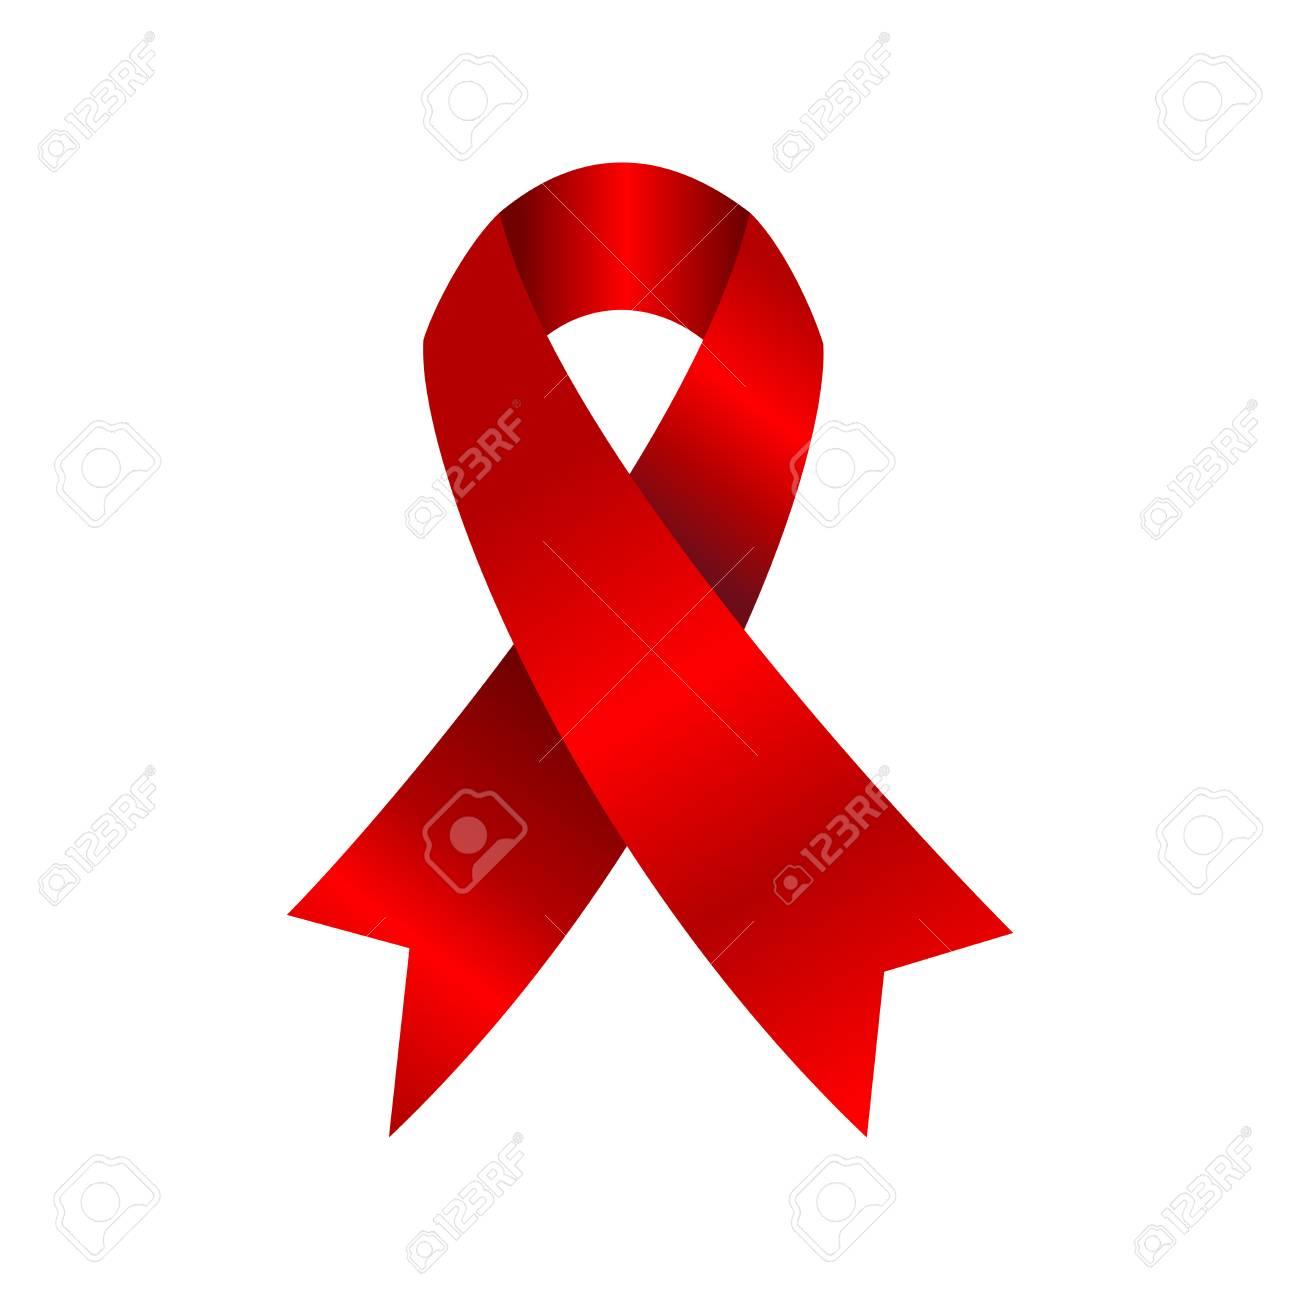 Lutte contre le sida : l'ONU appelle à appuyer le travail des organisations communautaires